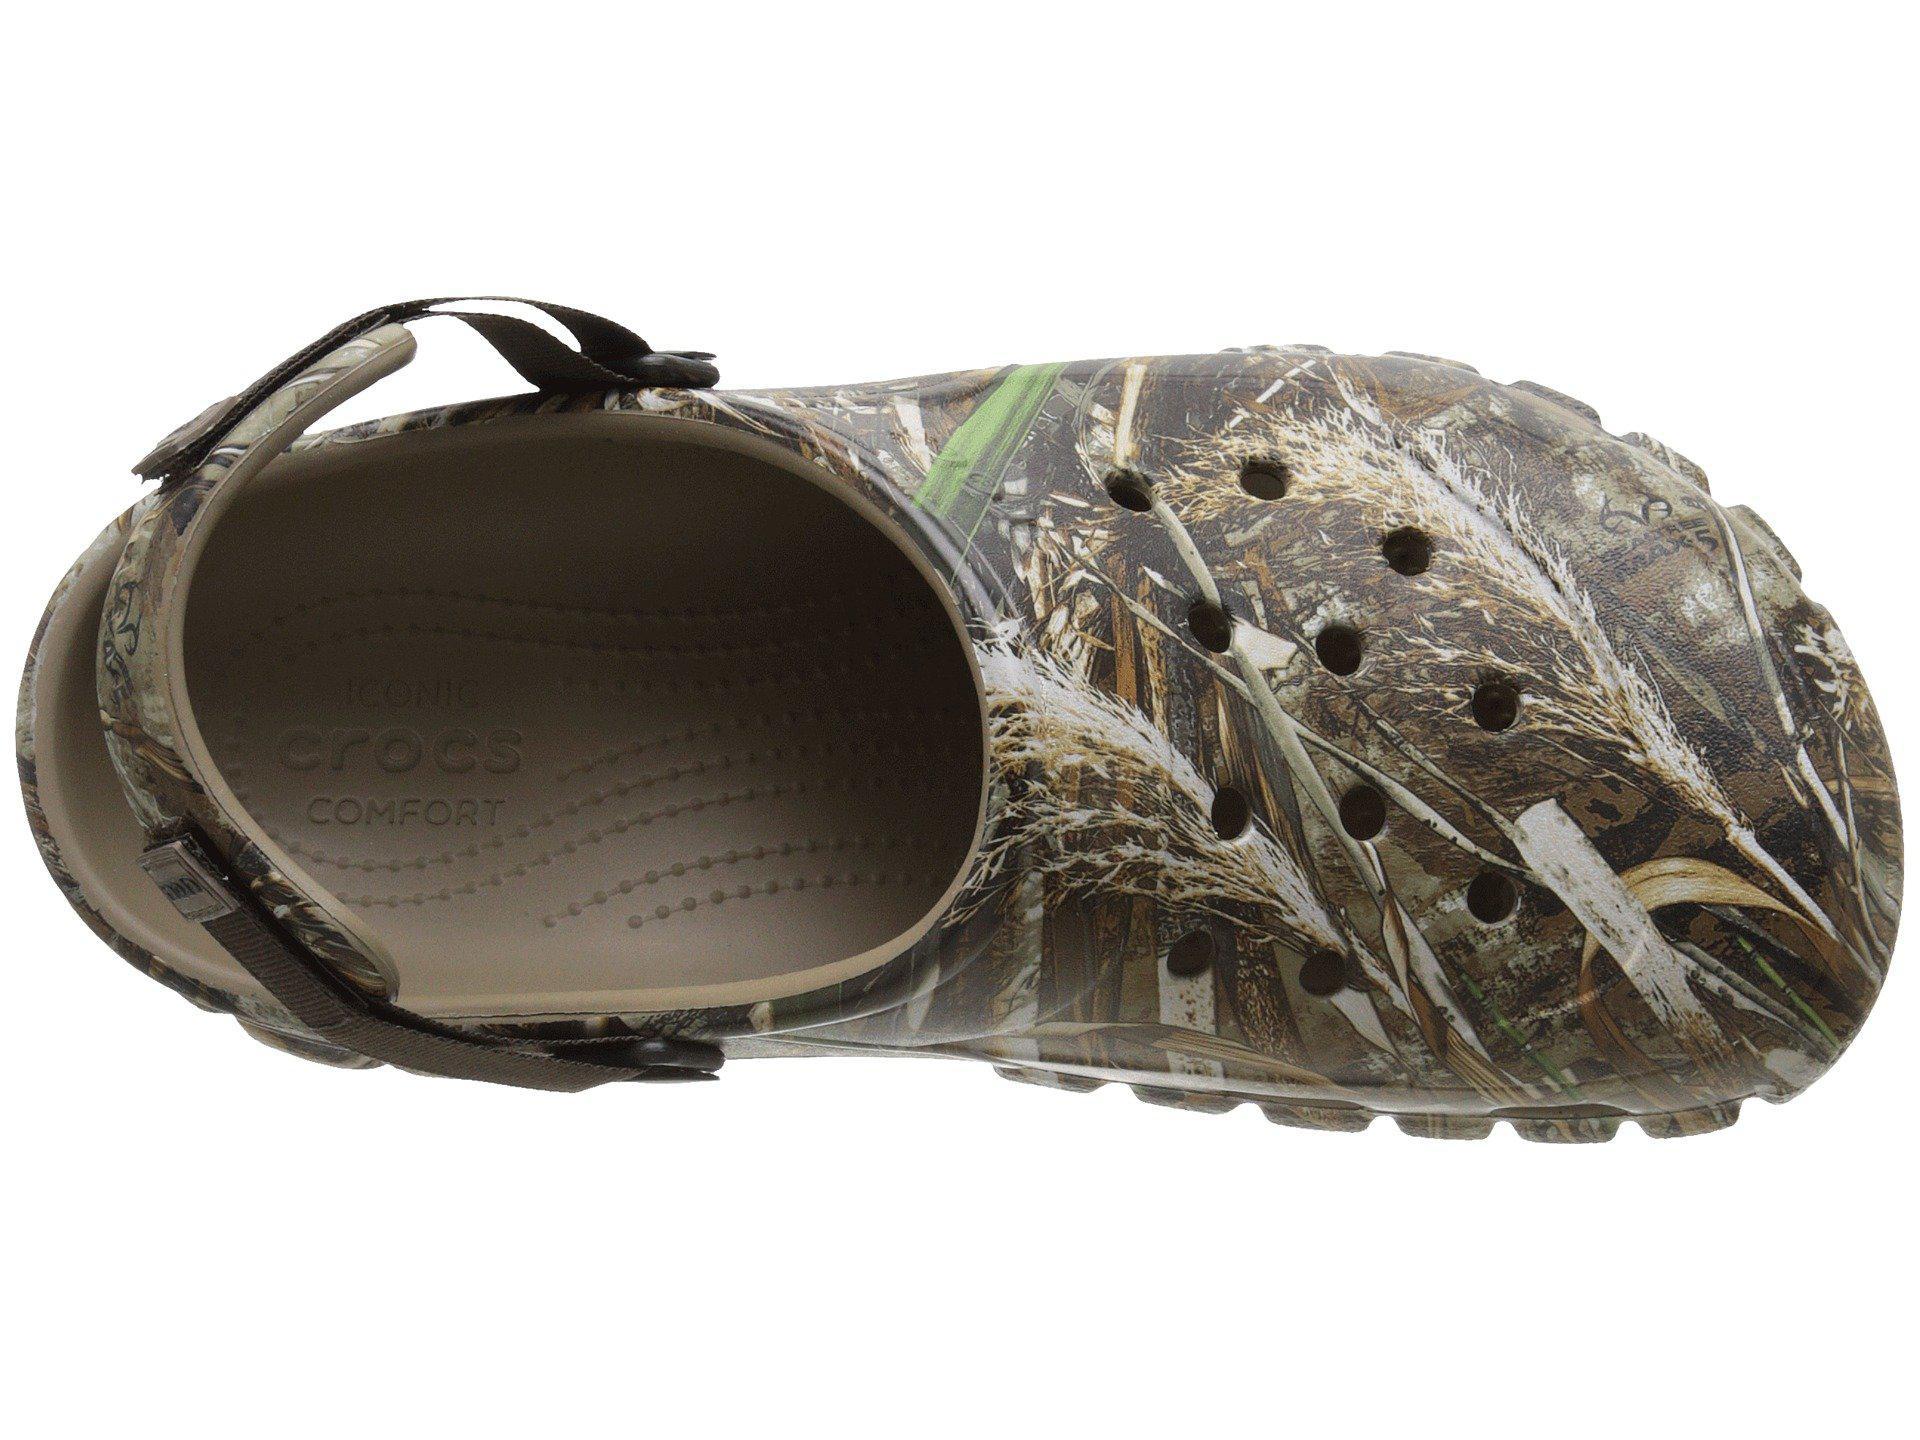 7b75910d6aacbe Lyst - Crocs™ Off Road Sport Realtree Max-5